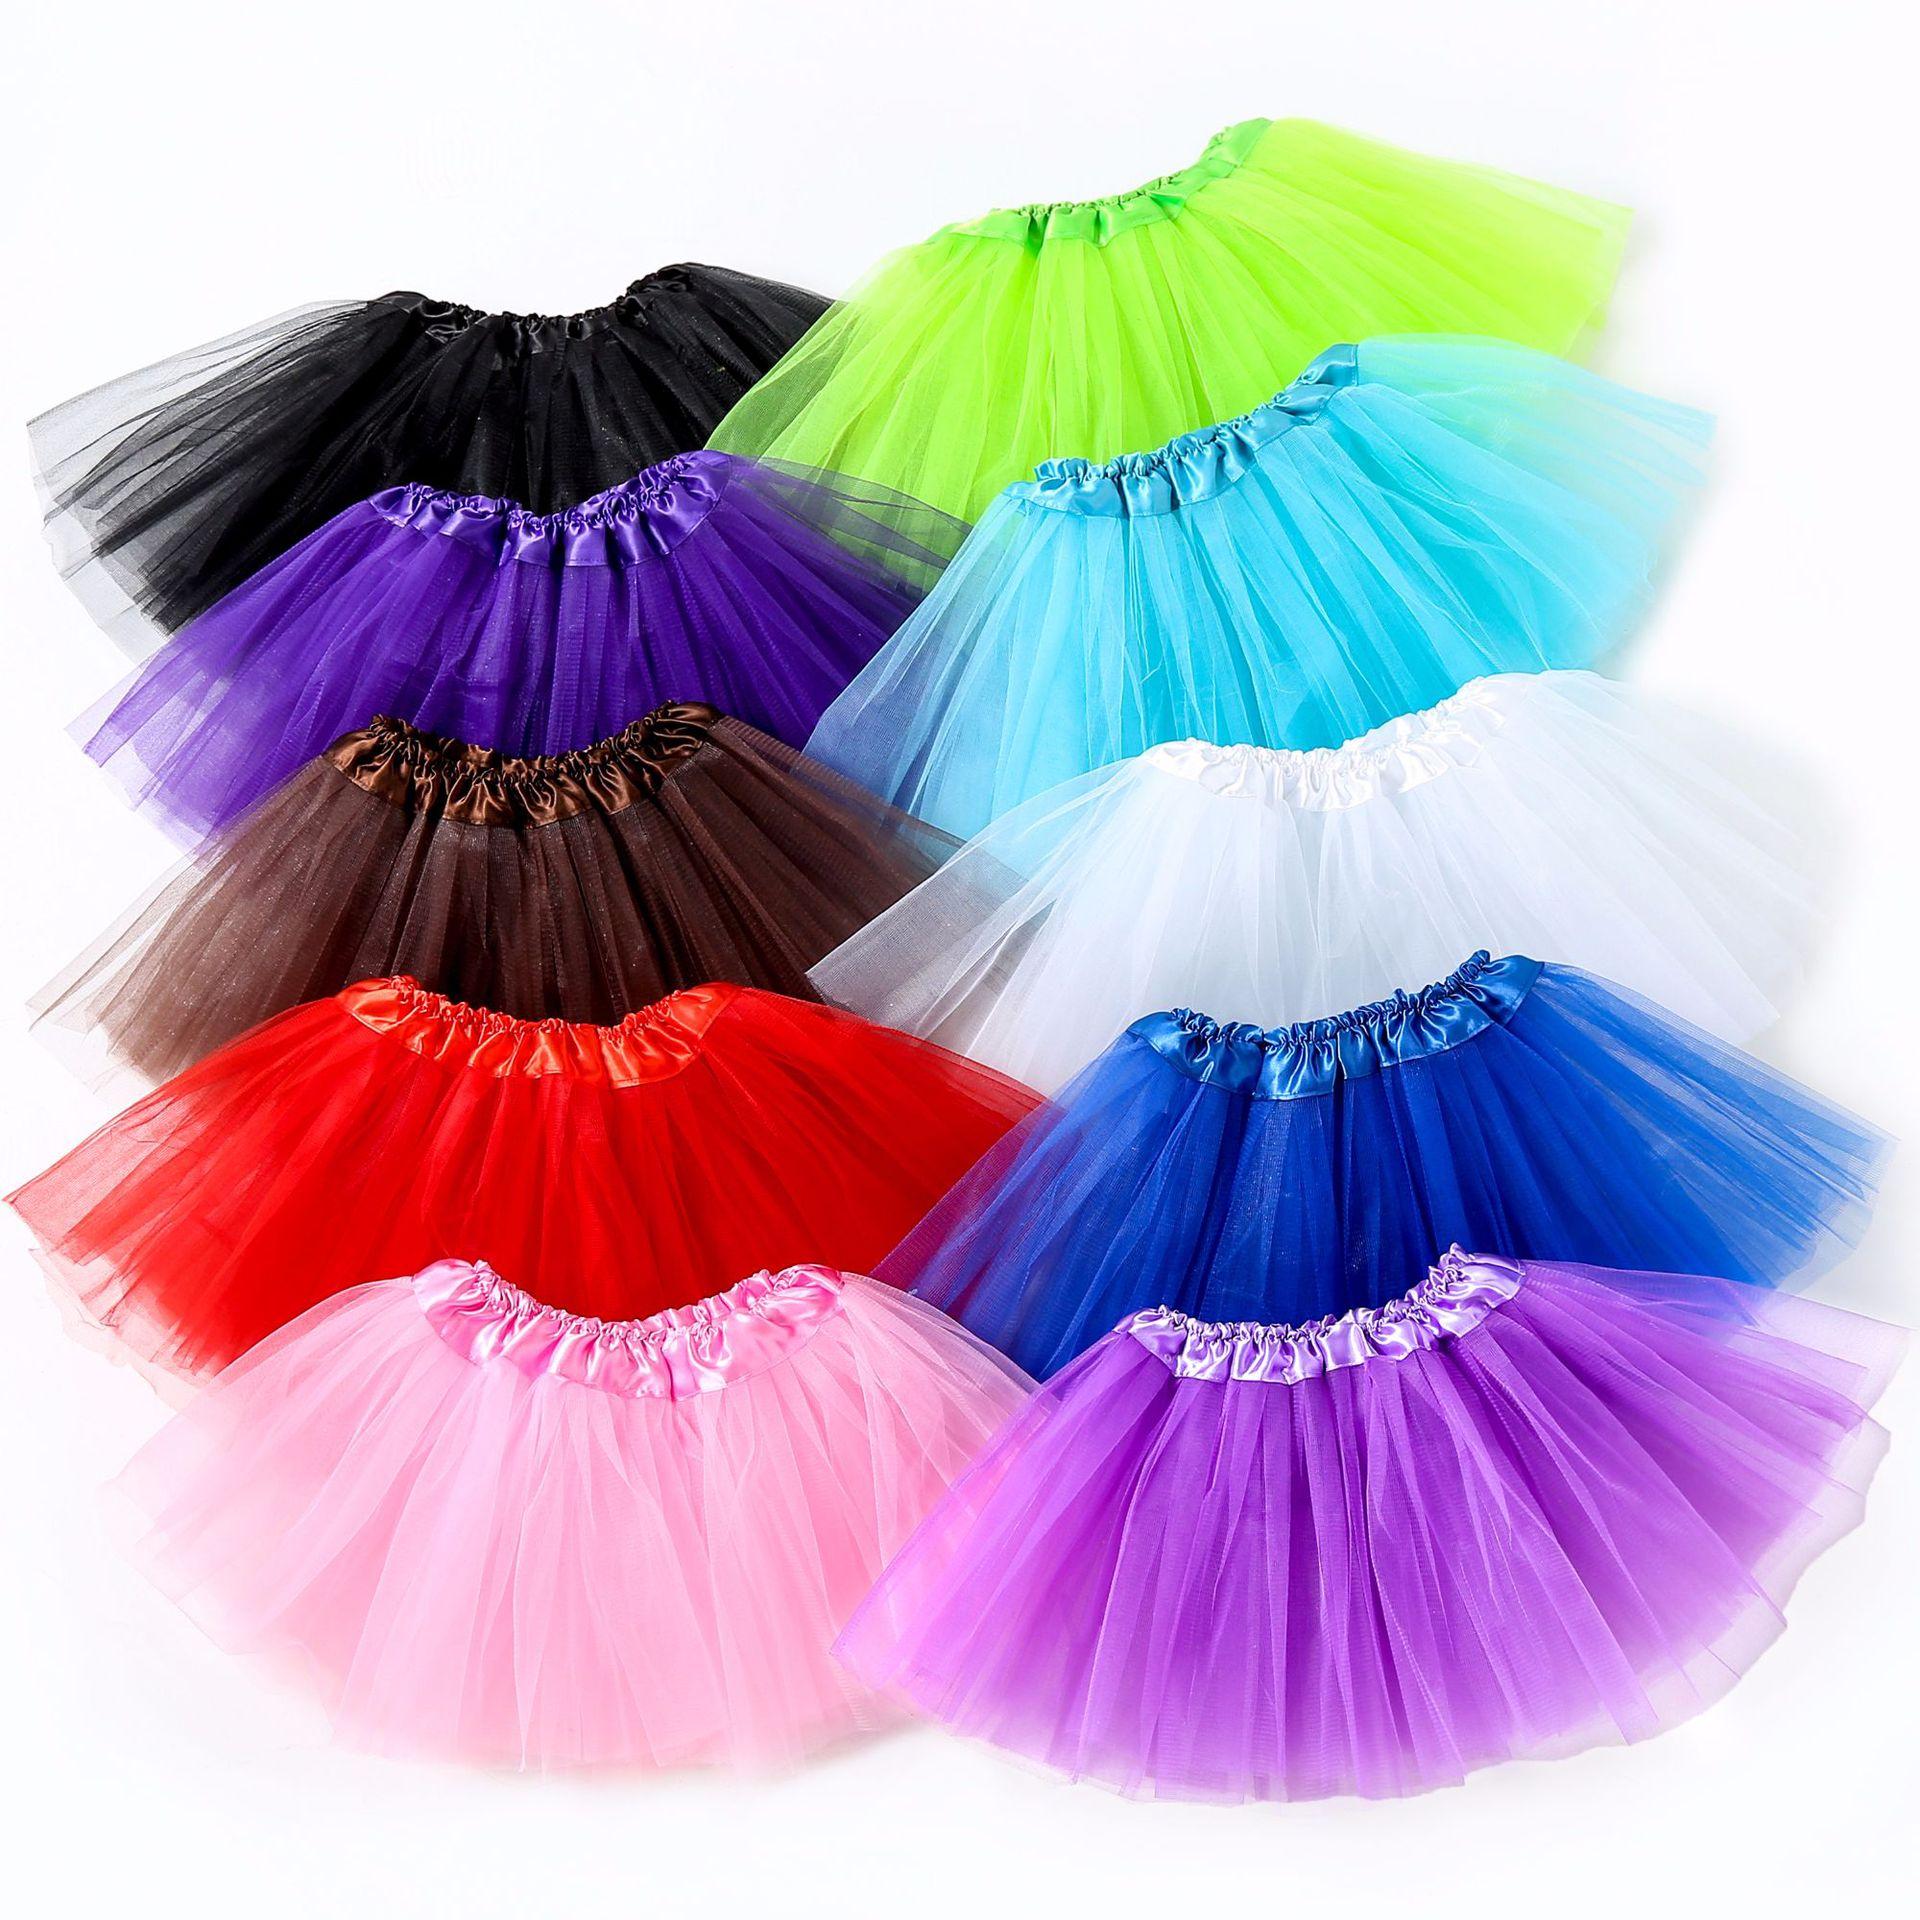 2020嬰兒裙夏季 女童半身裙網紗 兒童30cm公主裙 tutu裙廠家直銷